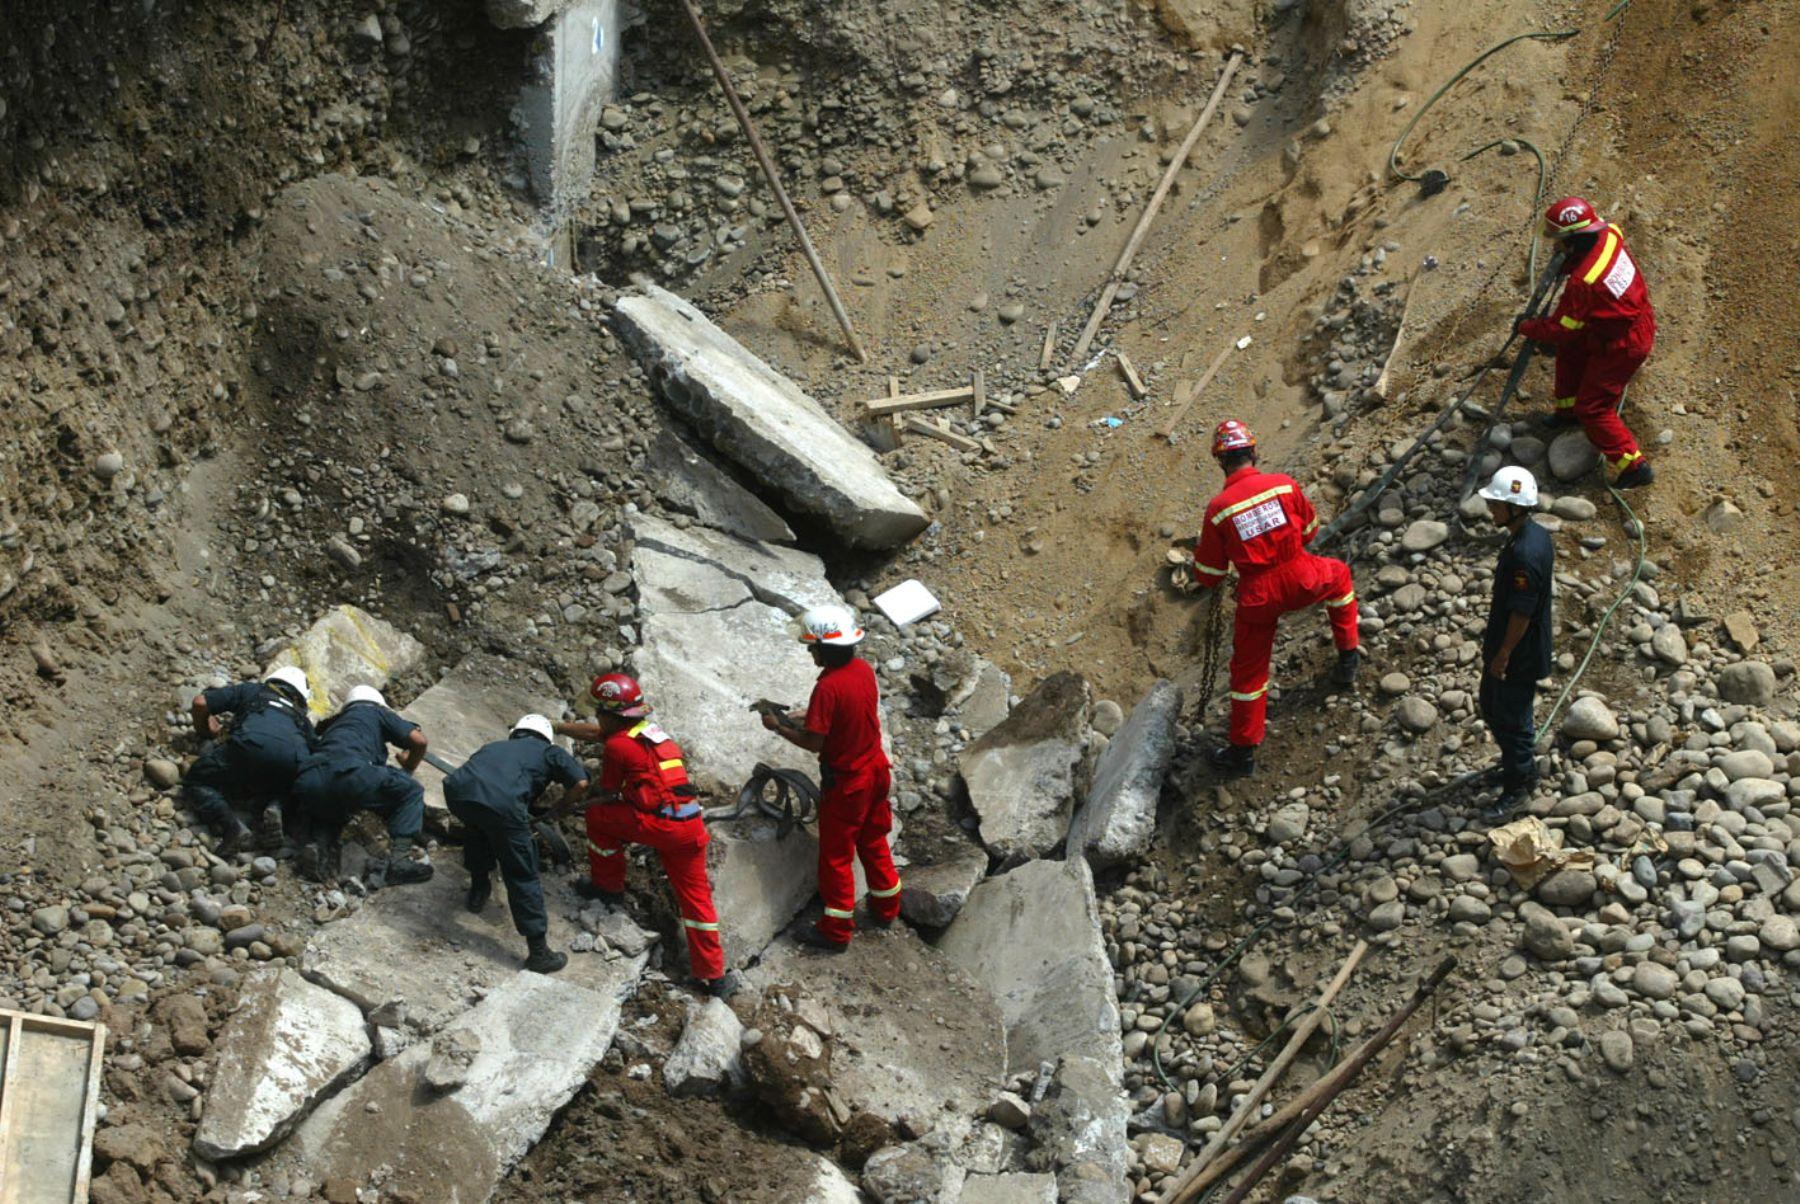 Cuatro obreros quedan sepultados tras derrumbe de pared en obra de Miraflores.Foto:ANDINA/Alberto Orbegoso